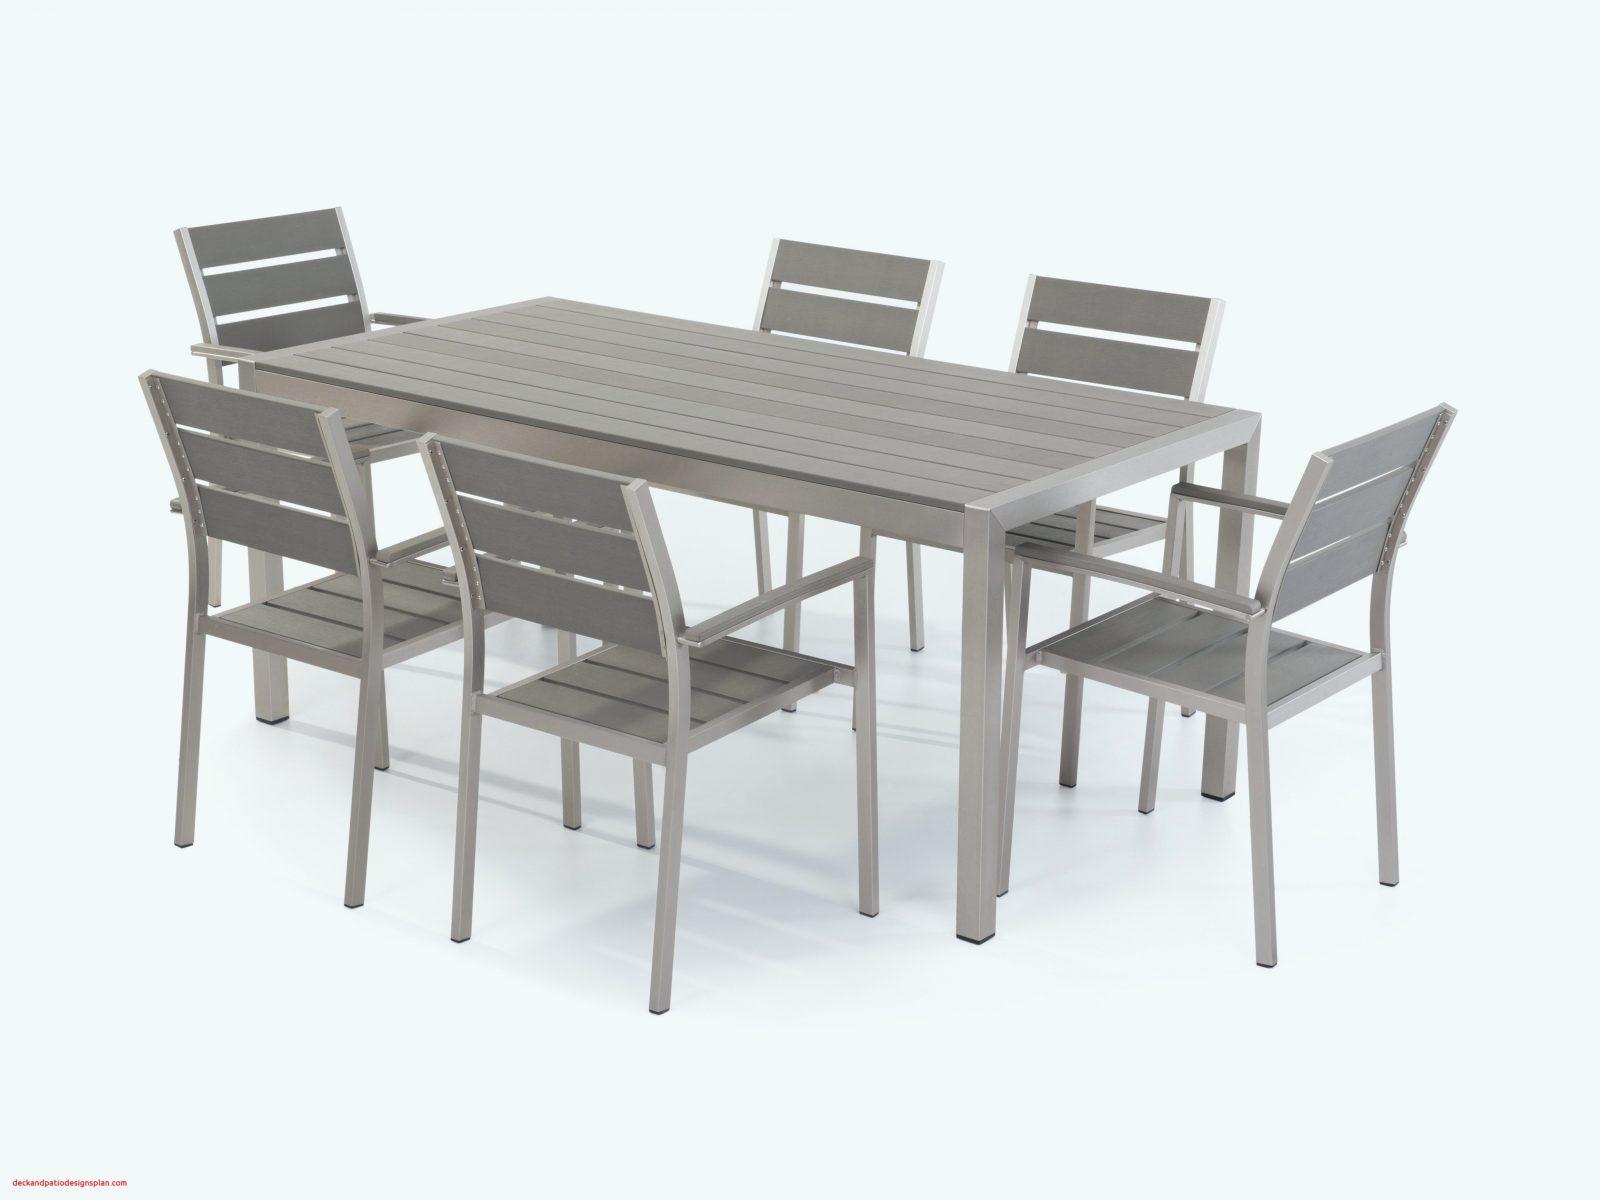 Esstisch 6 Stühle 22 Schön Design Esstisch Stühle Für Design von Gartentisch Mit 6 Stühlen Bild